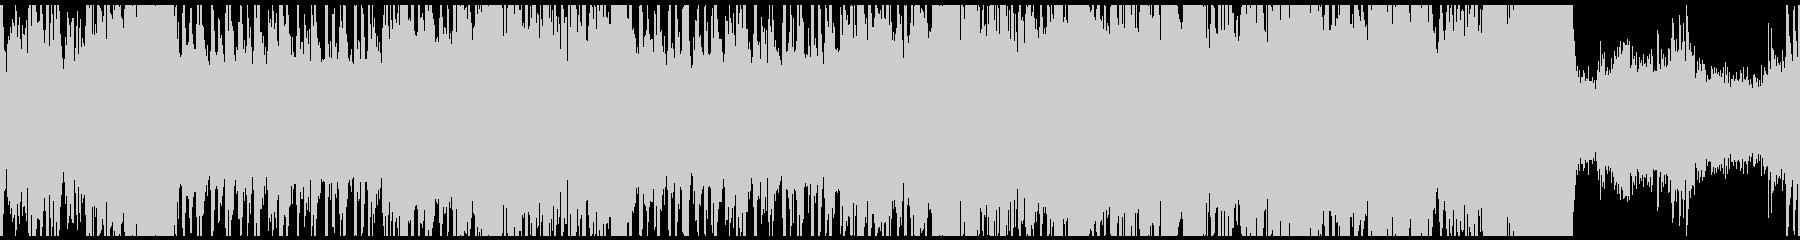 壮大な和風オーケストラ・ループの未再生の波形